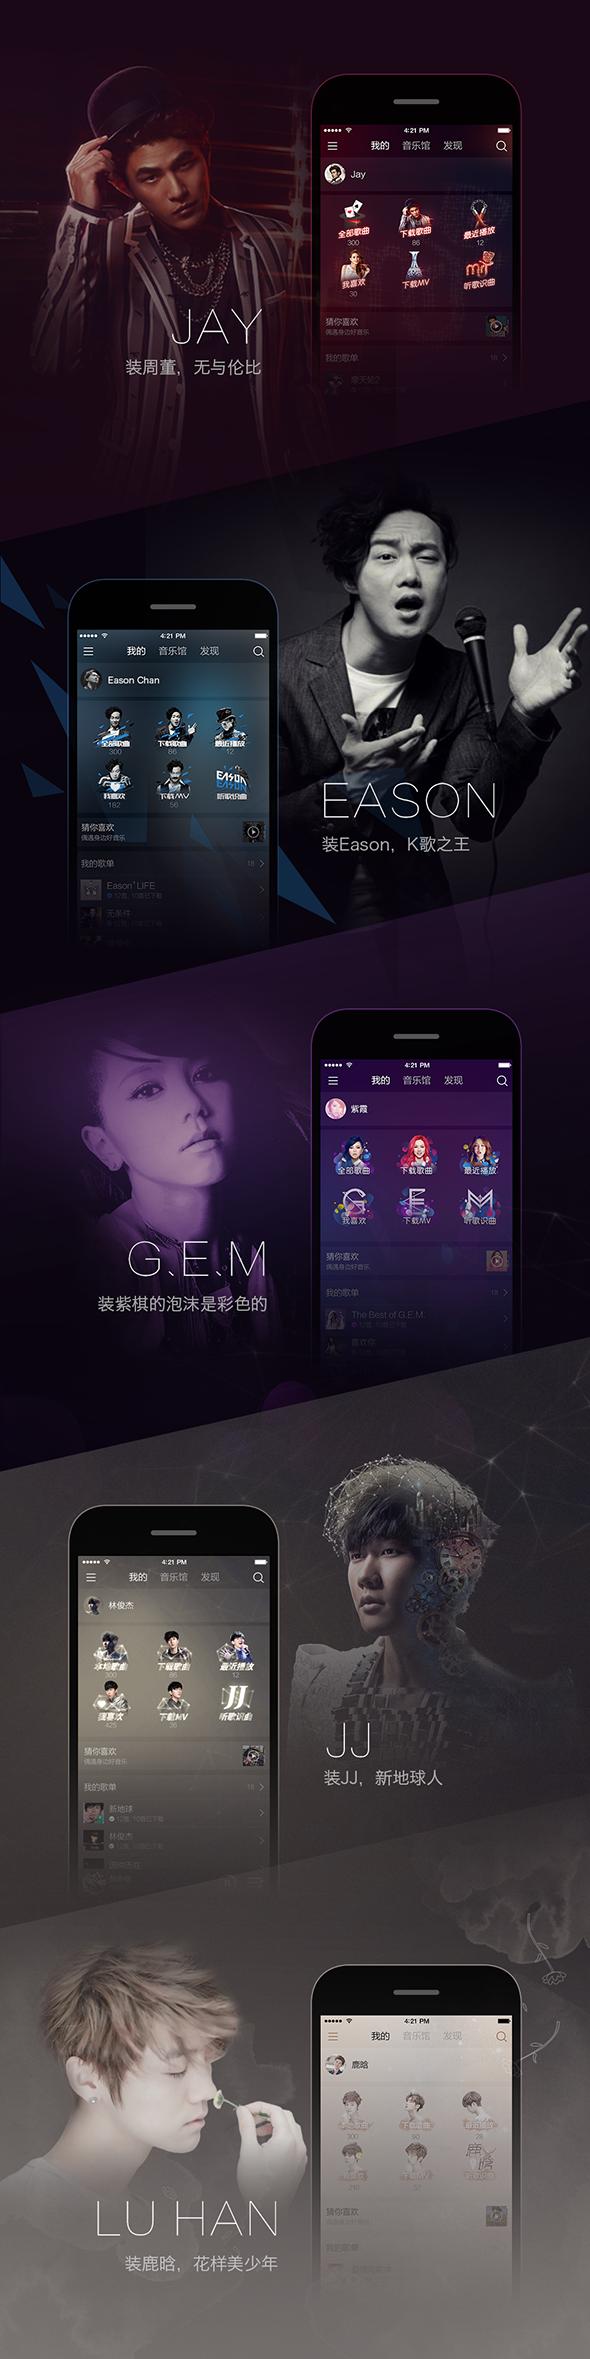 赞爆了!揭秘QQ音乐业界首创「大咖装」的背后设计过程